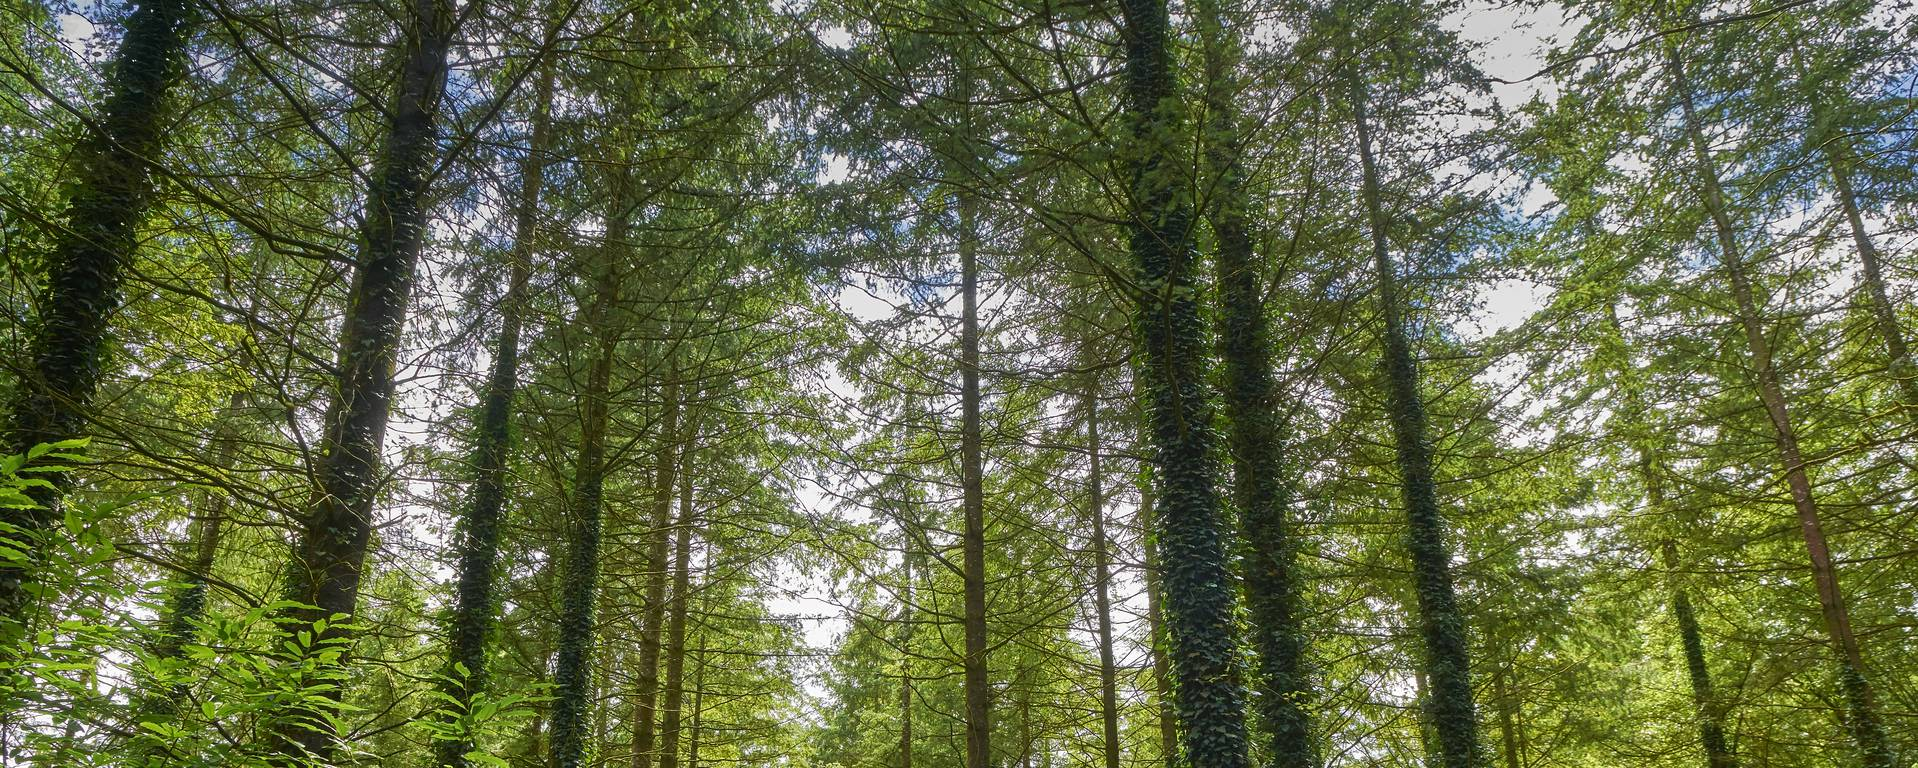 Pont-Calleck forest - Berné - © M-A Gouret-Puillandre